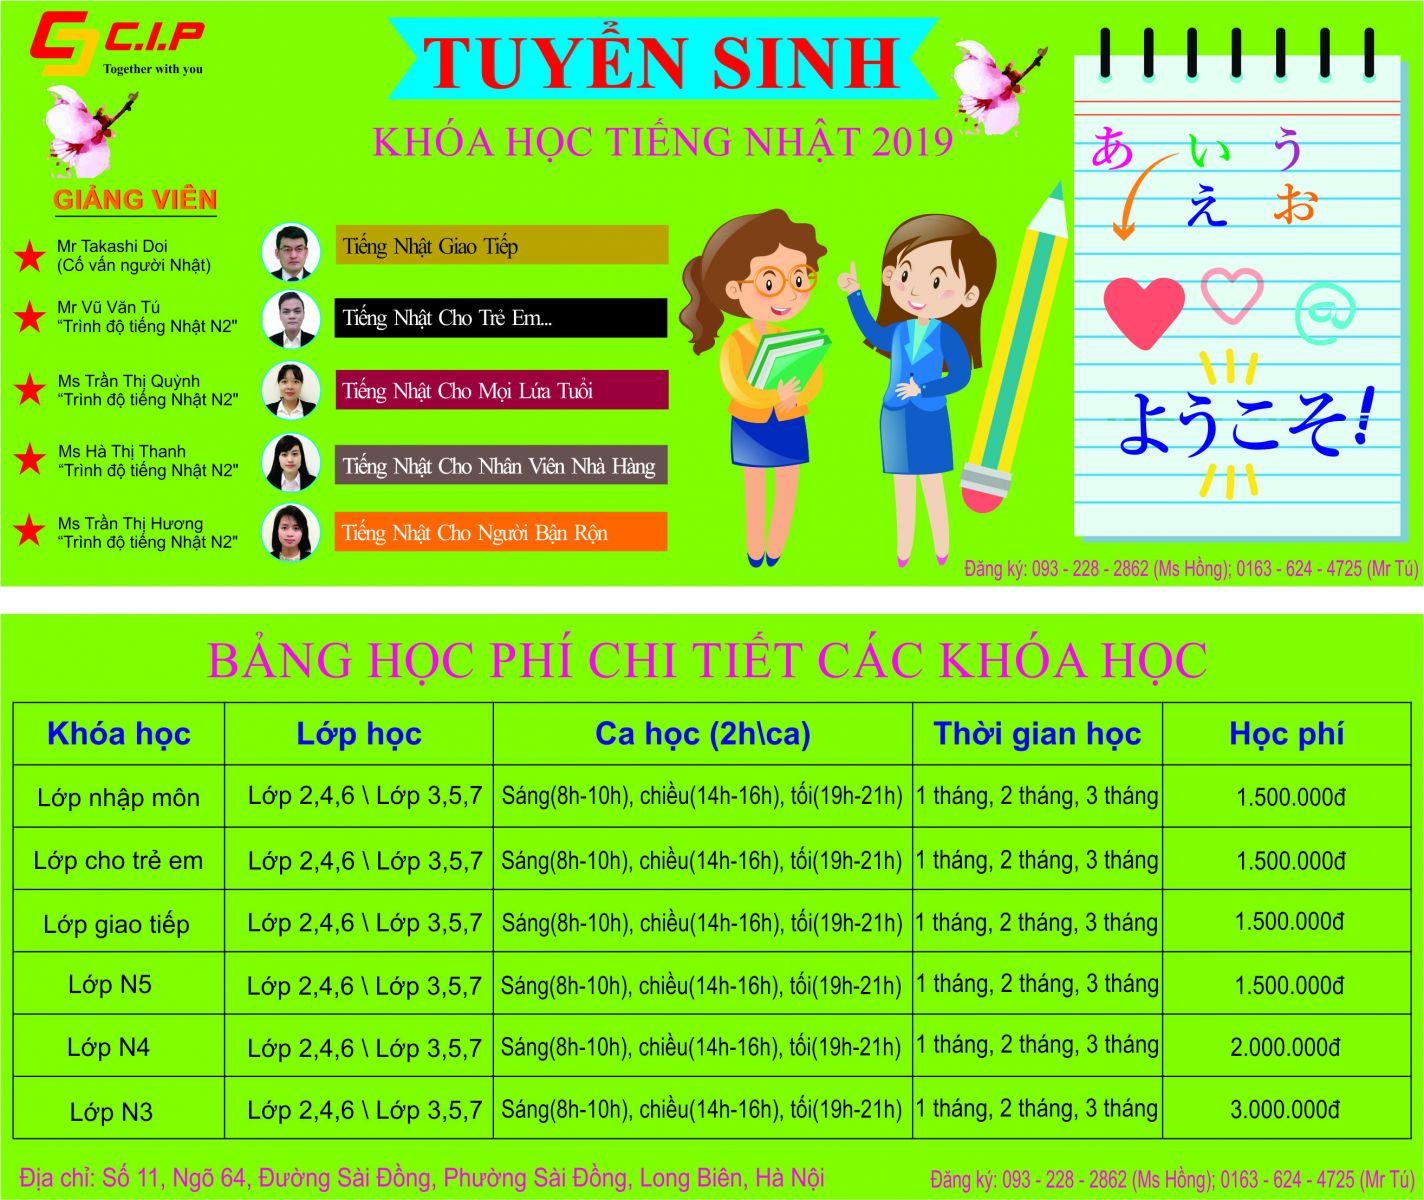 Thông báo tuyển sinh tiếng Nhật tại Sài Đồng, Long Biên, Hà Nội